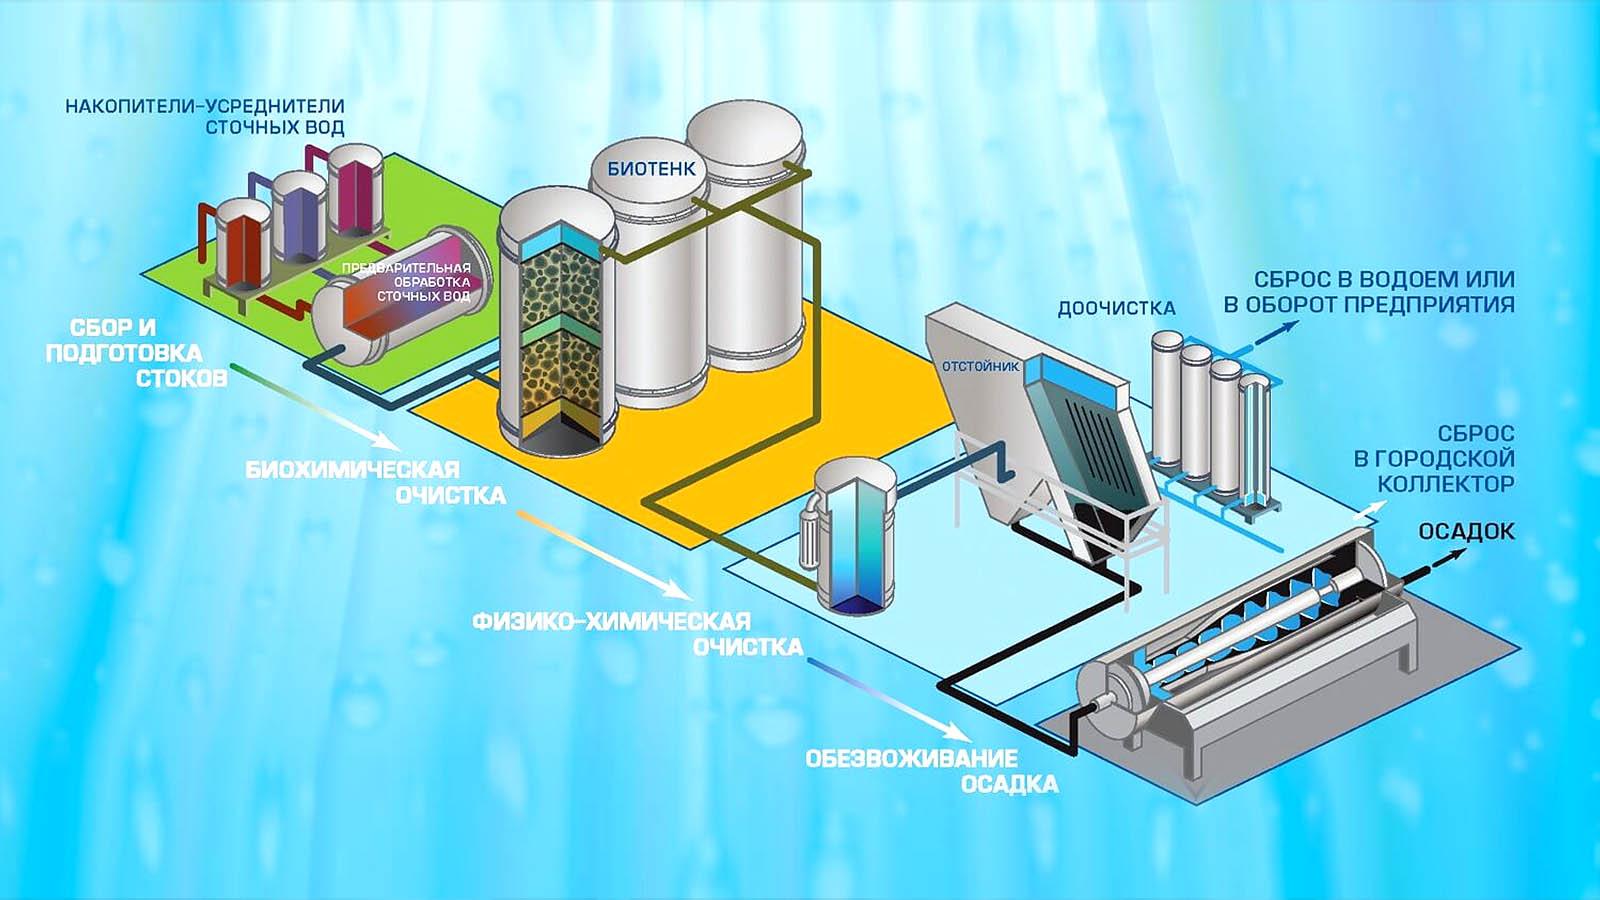 Согласно постановлению суда администрация Никольска обязана организовать очистку сточных вод